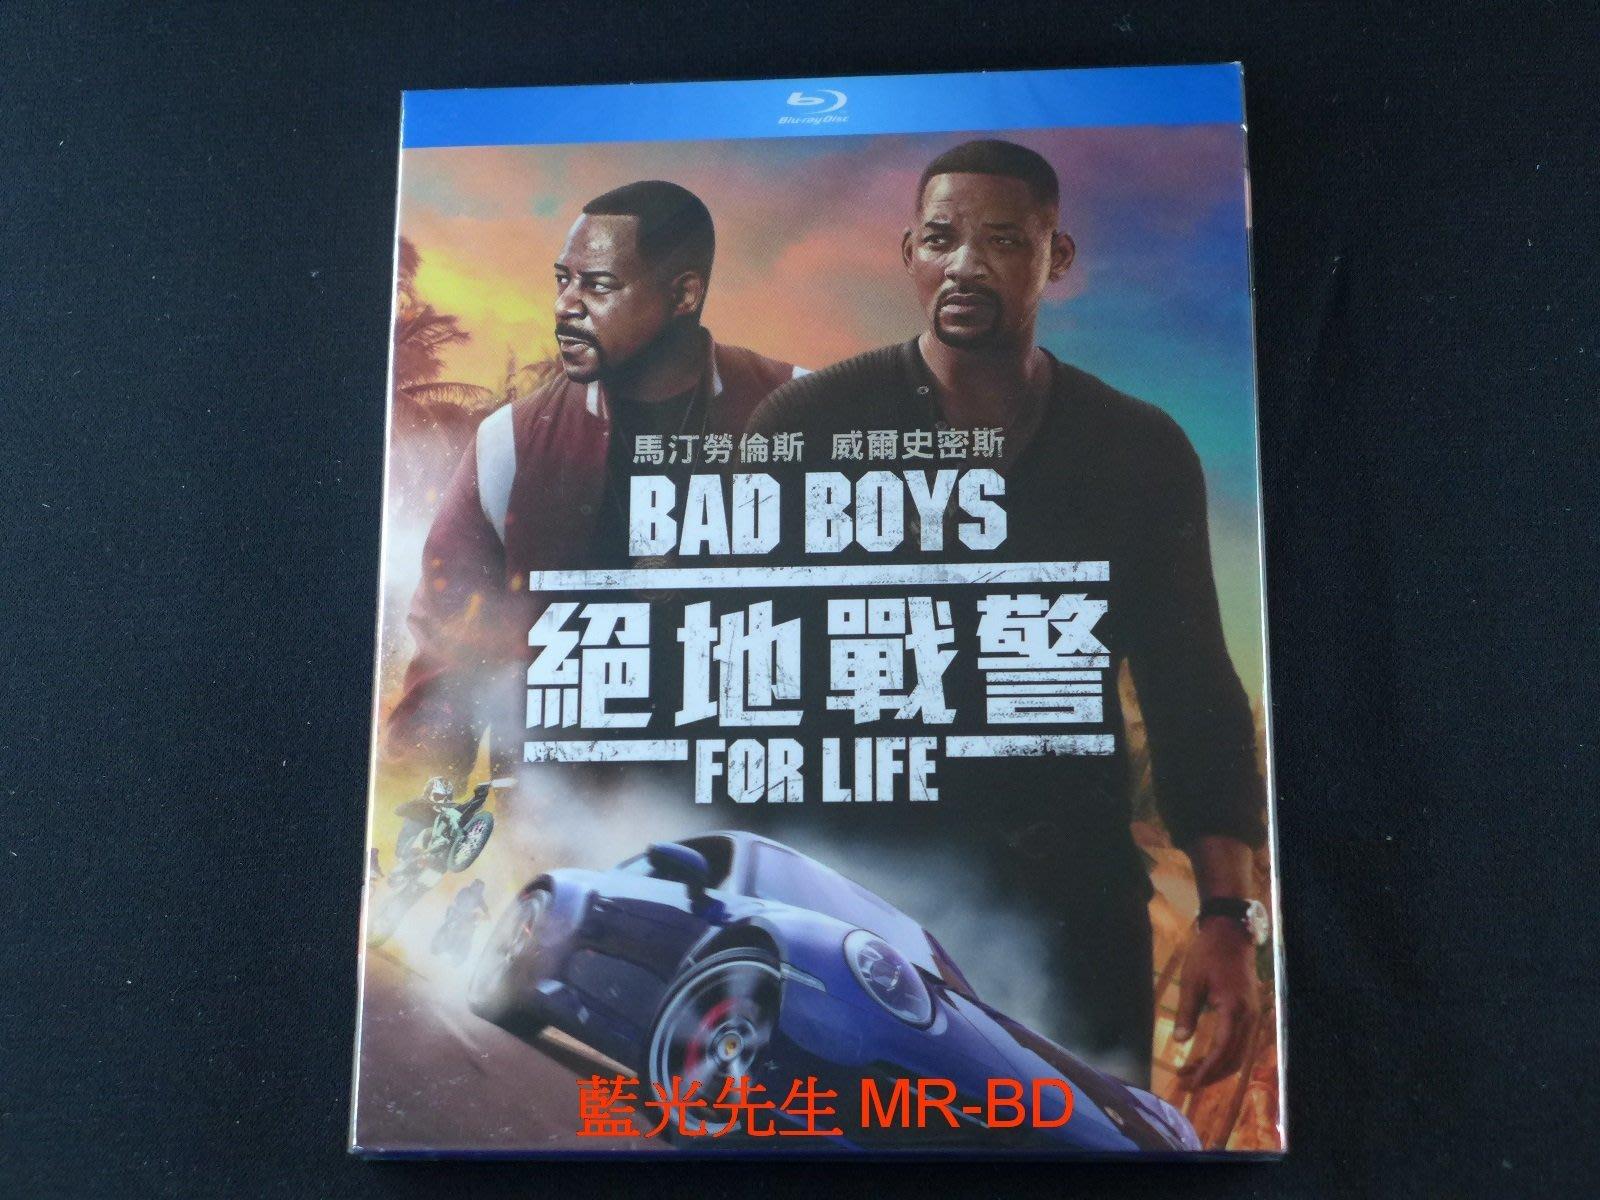 [藍光BD] - 絕地戰警3 For Life Bad Boys For Life ( 得利正版 )